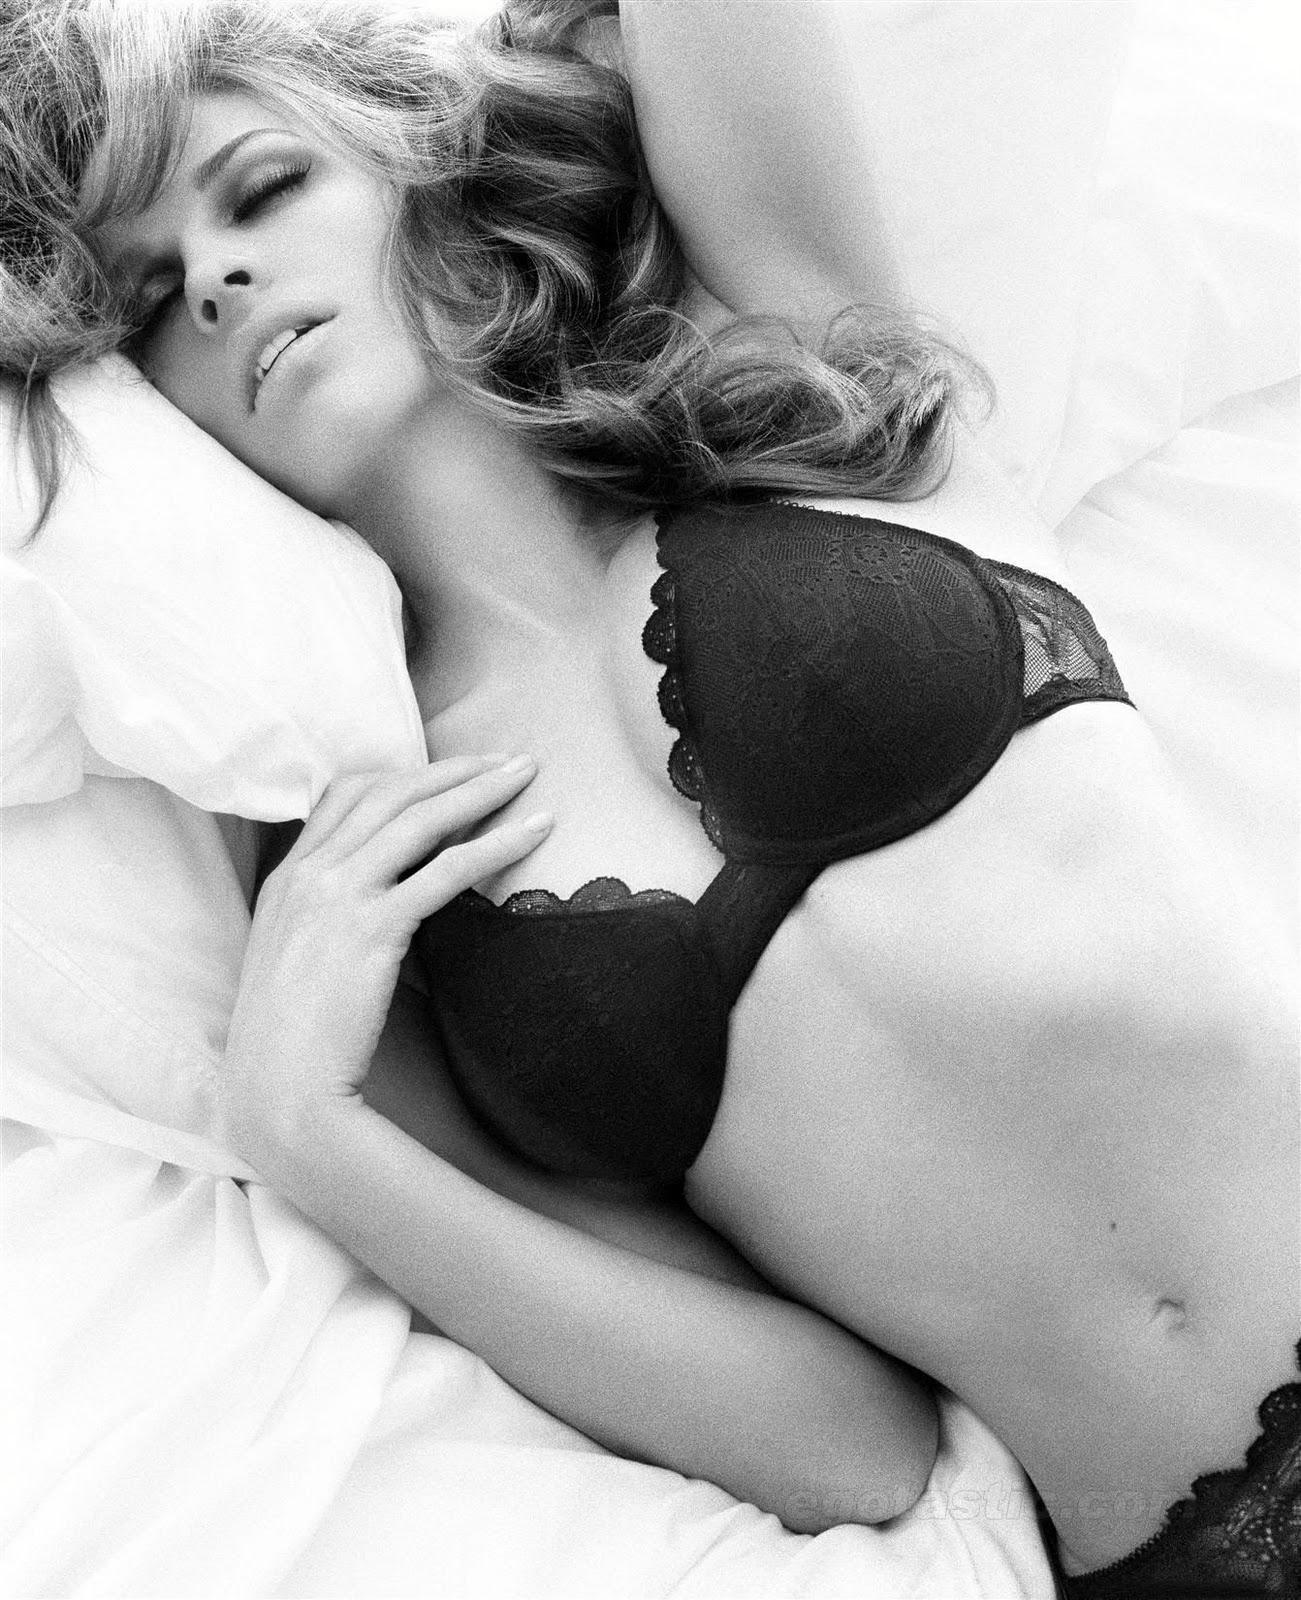 http://1.bp.blogspot.com/_yzzx-hAo-H0/TN6ykwRKzRI/AAAAAAAAAyY/Cp598kz7PmE/s1600/hilary-swank-bra-panties-lingerie-photoshoot-01.jpg